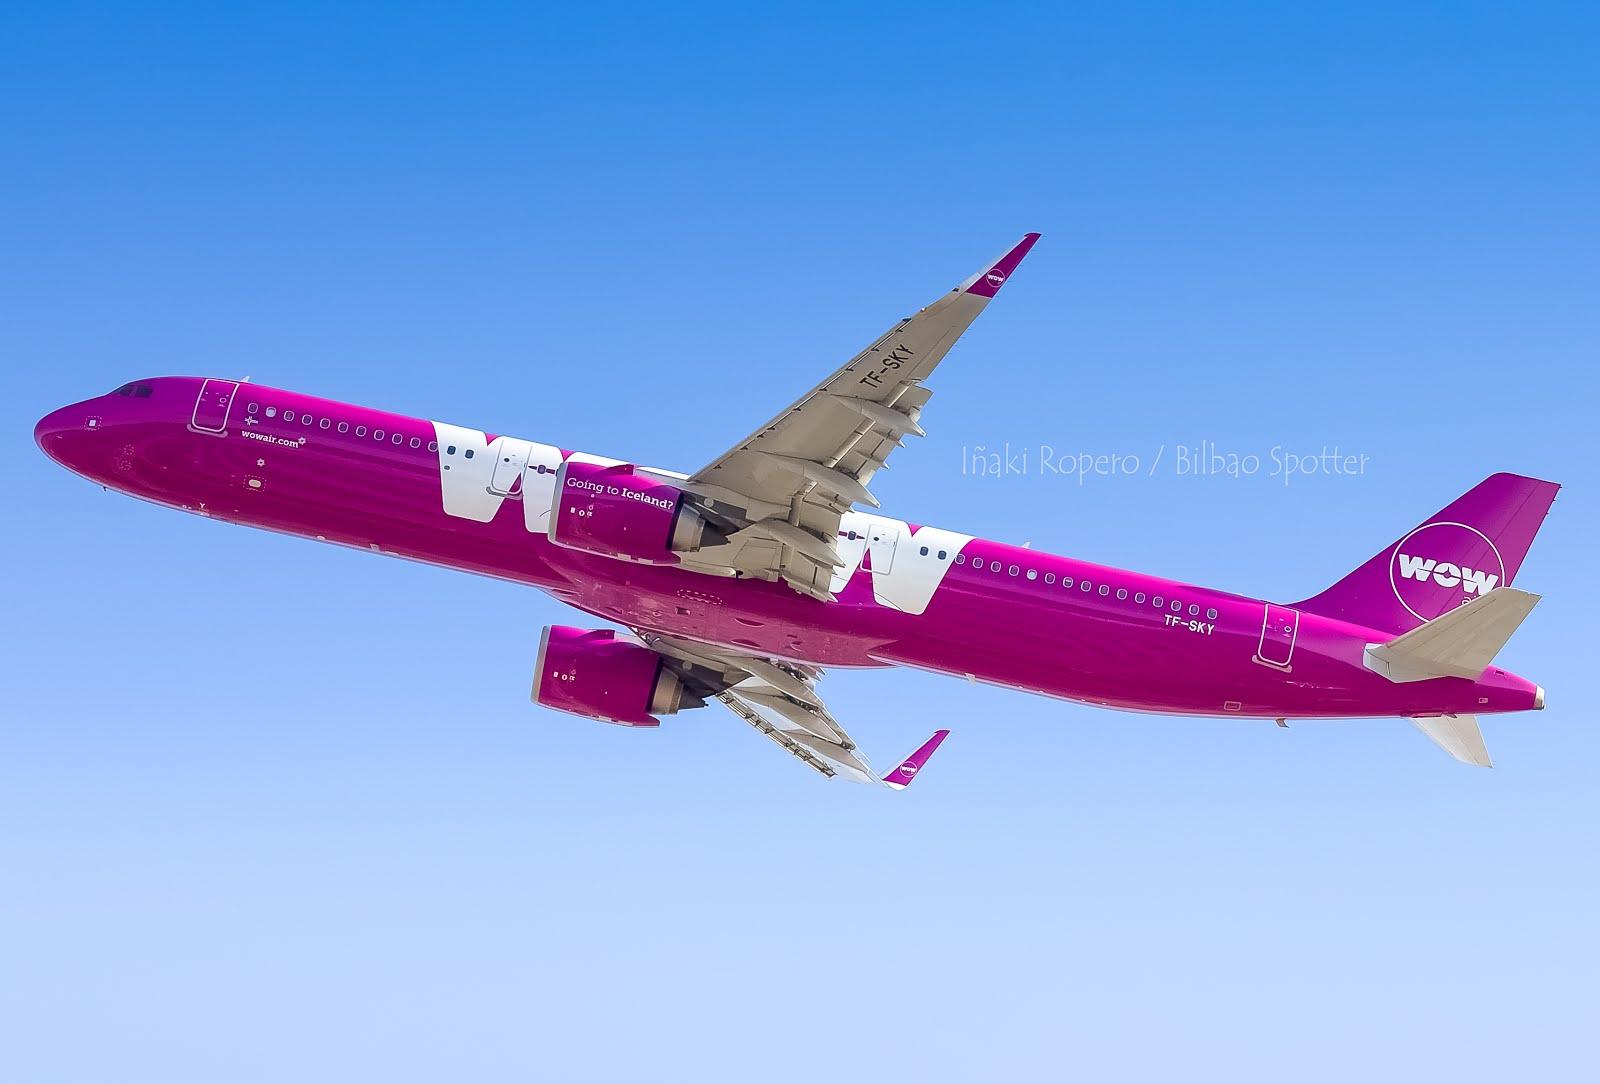 Finalmente no se ha llegado a ningún acuerdo y Wow Air deja de volar